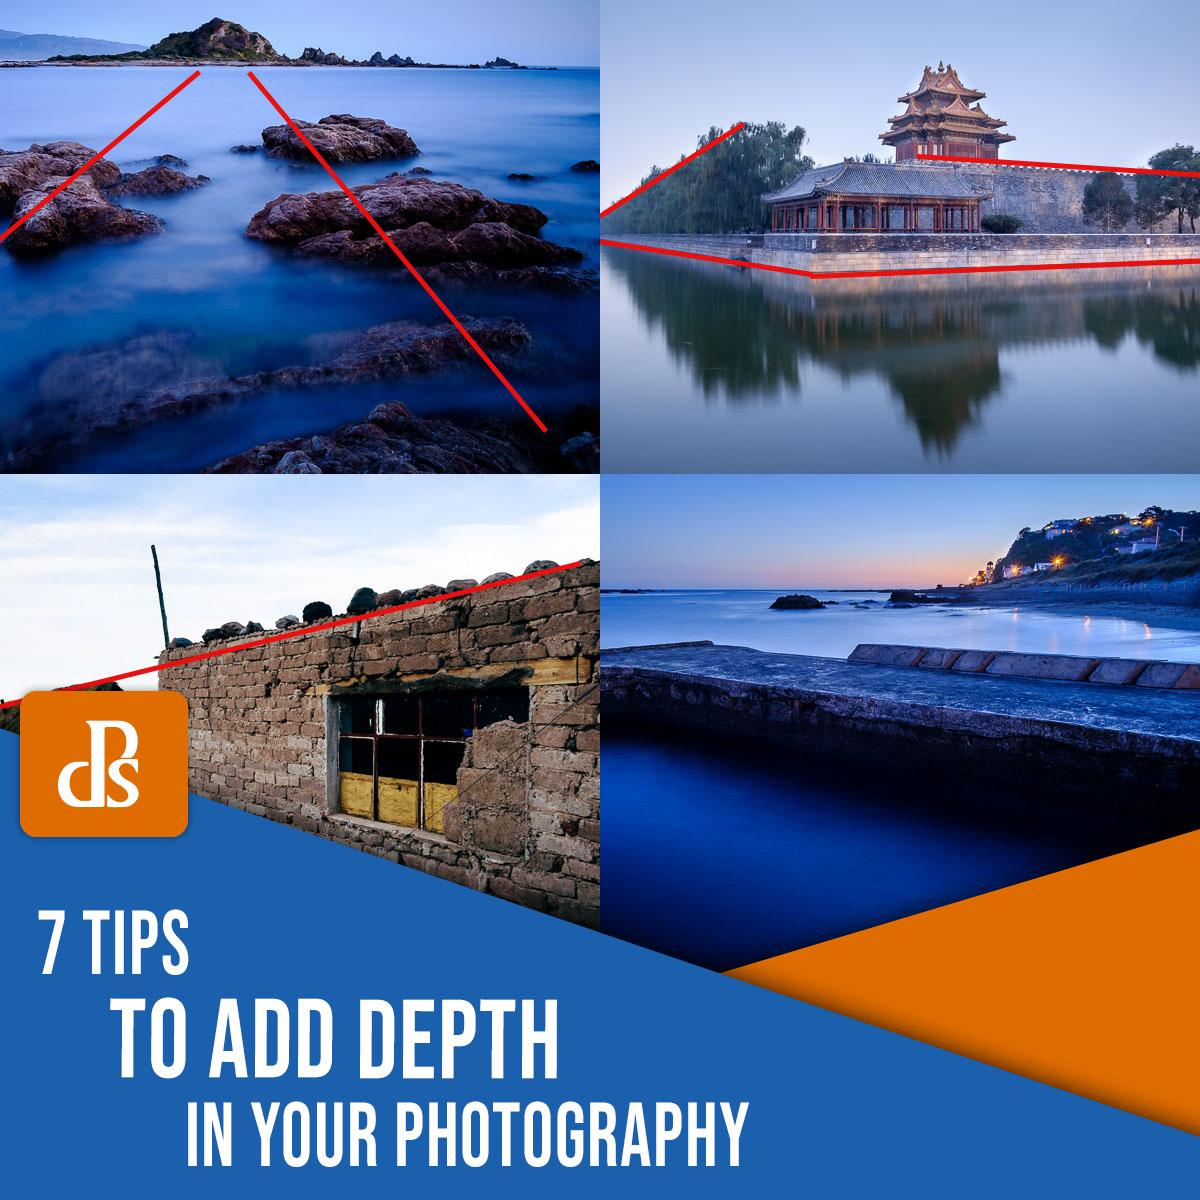 dicas para adicionar profundidade à sua fotografia